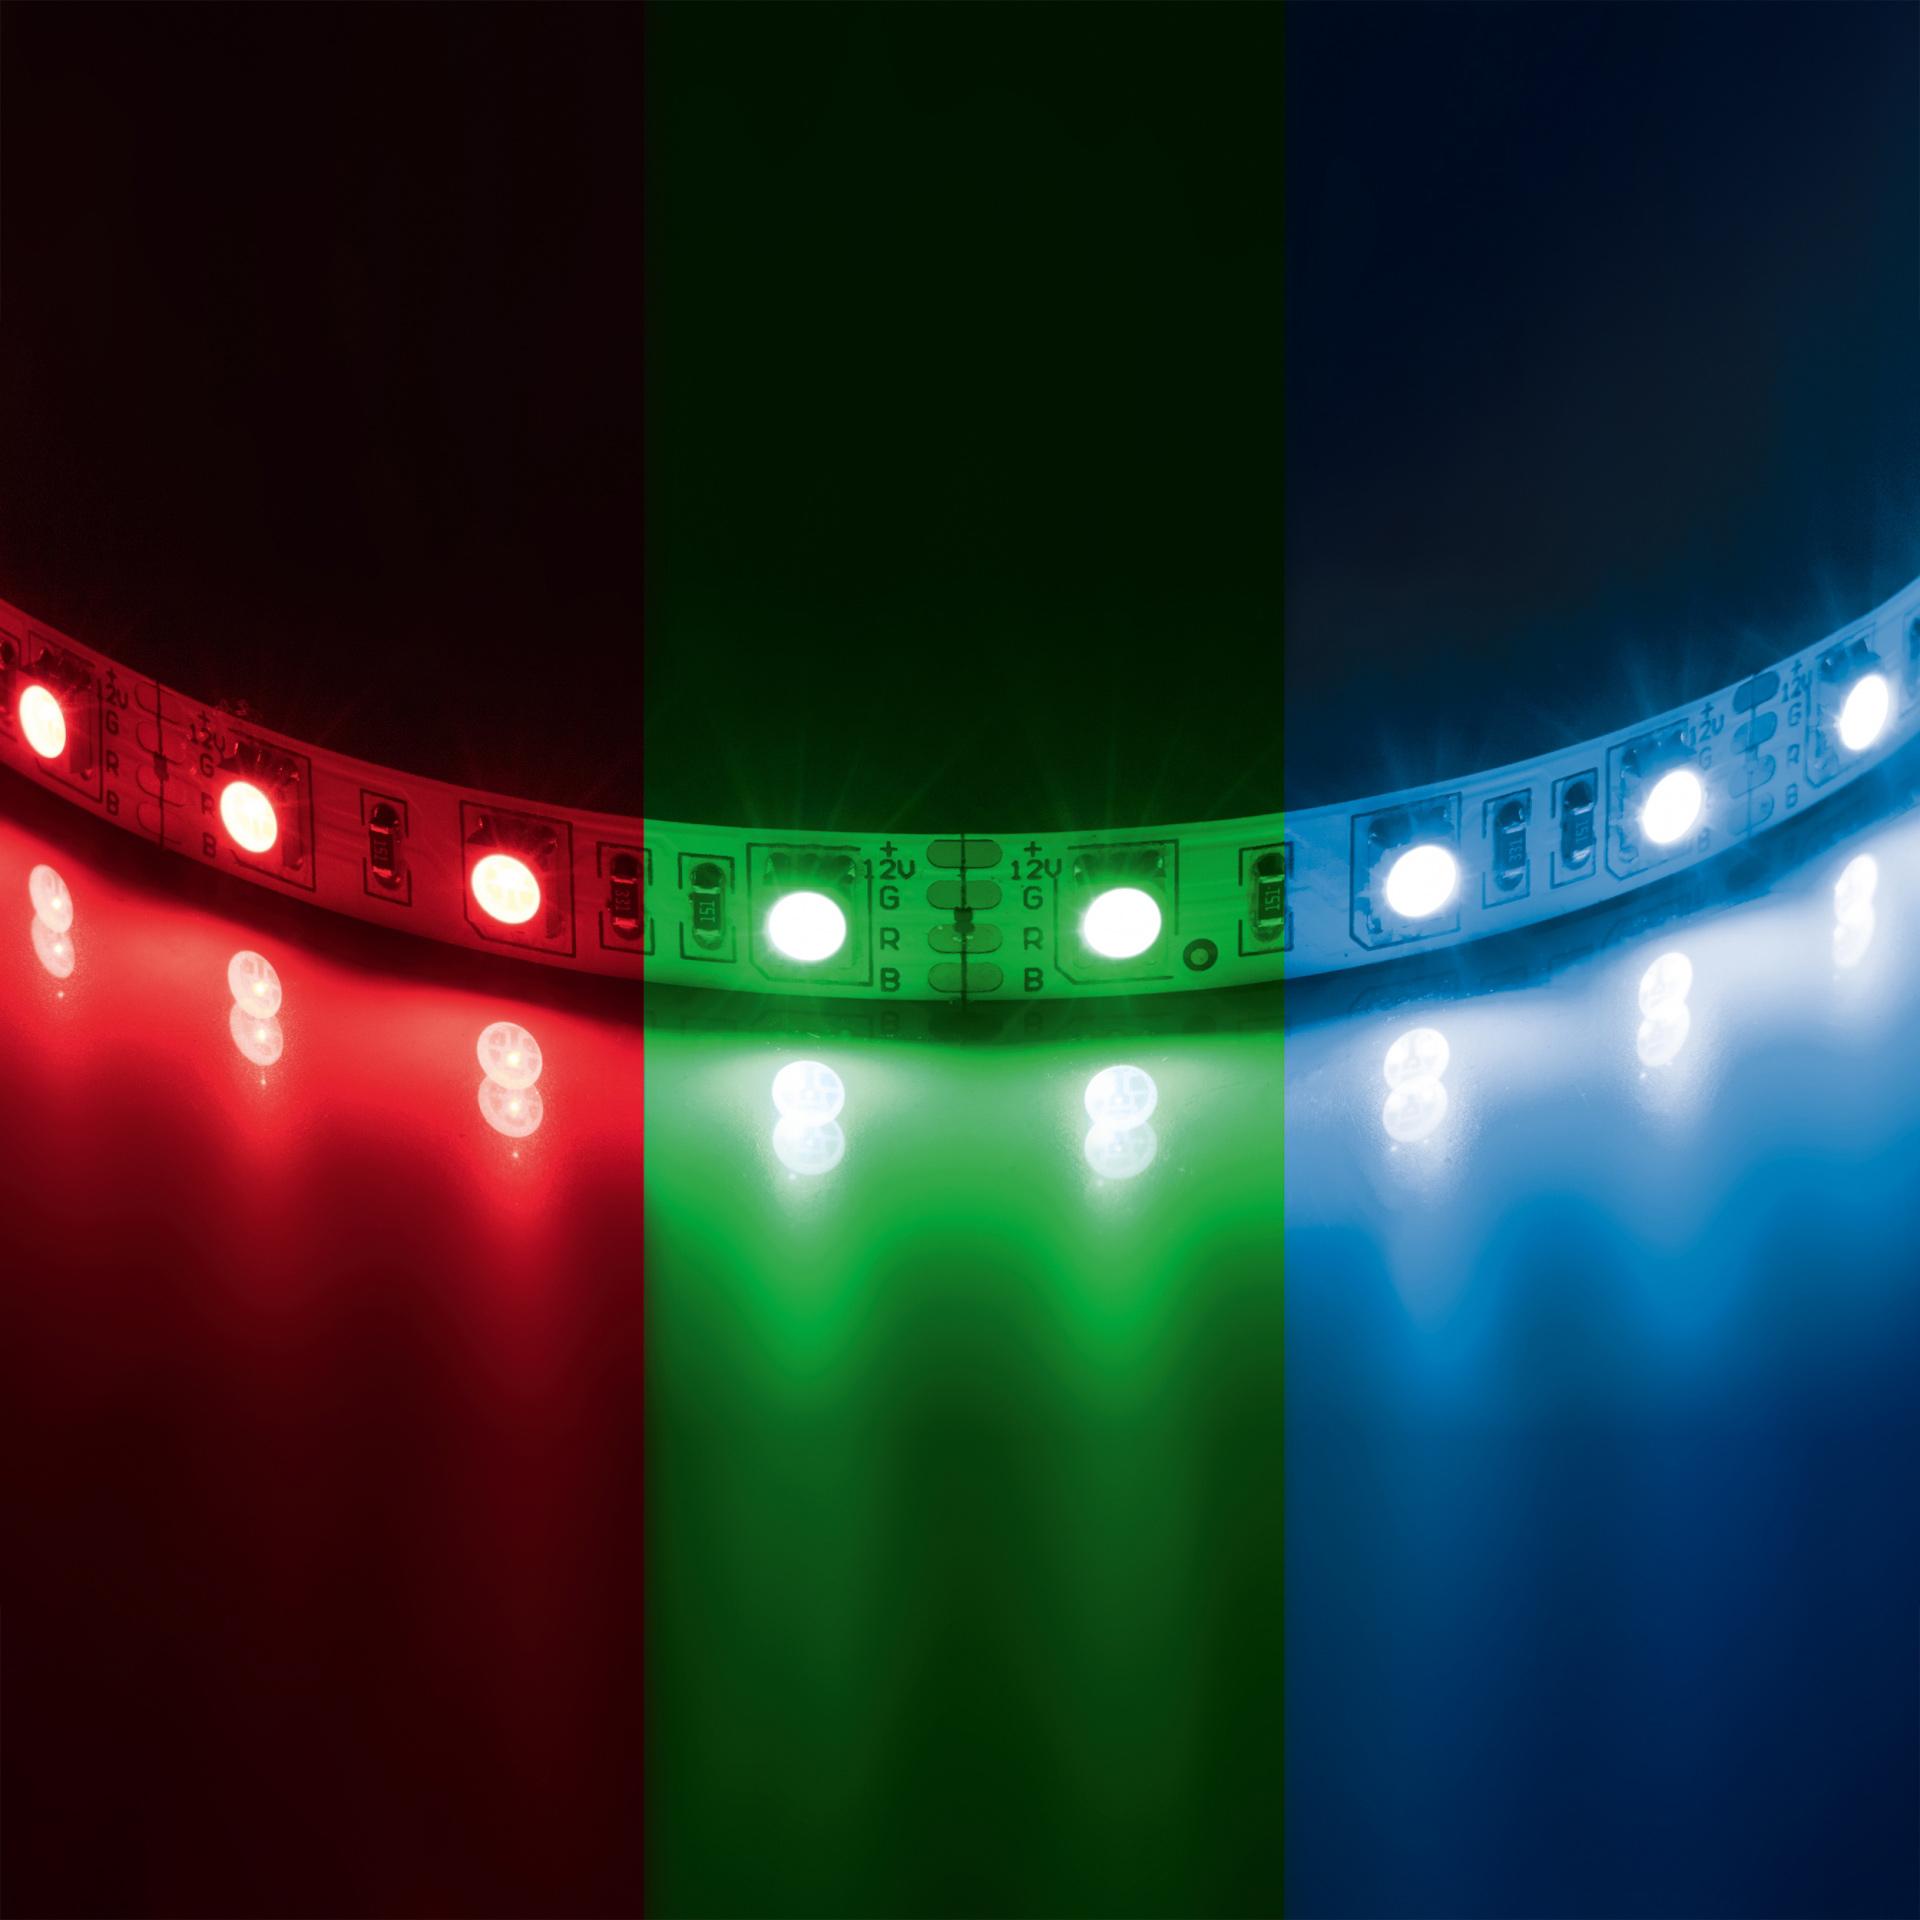 Лента 5050 LED 12V 14.4W 200m цветная Lightstar 400050, купить в СПб, Москве, с доставкой, Санкт-Петербург, интернет-магазин люстр и светильников Starlight, фото в жизни